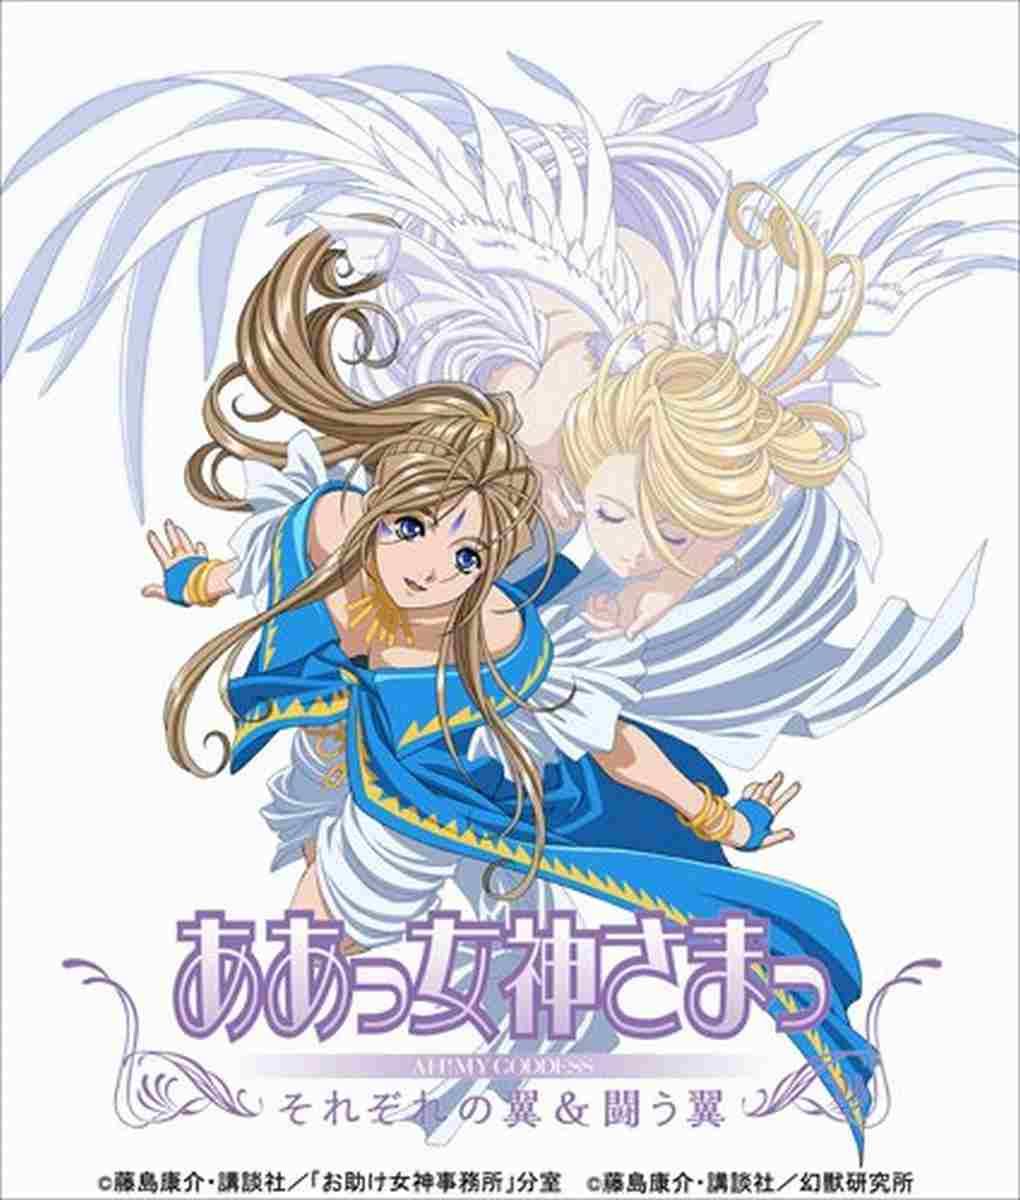 產品詳細資料,日本Yahoo代標|日本代購|日本批發-ibuy99|CD、DVD|Blu-ray|日本動漫|兒童動漫|ああっ女神さまっ それぞれの翼&闘う翼 Blu-ray BOX TVシリーズ第2期+TVスペシャル…